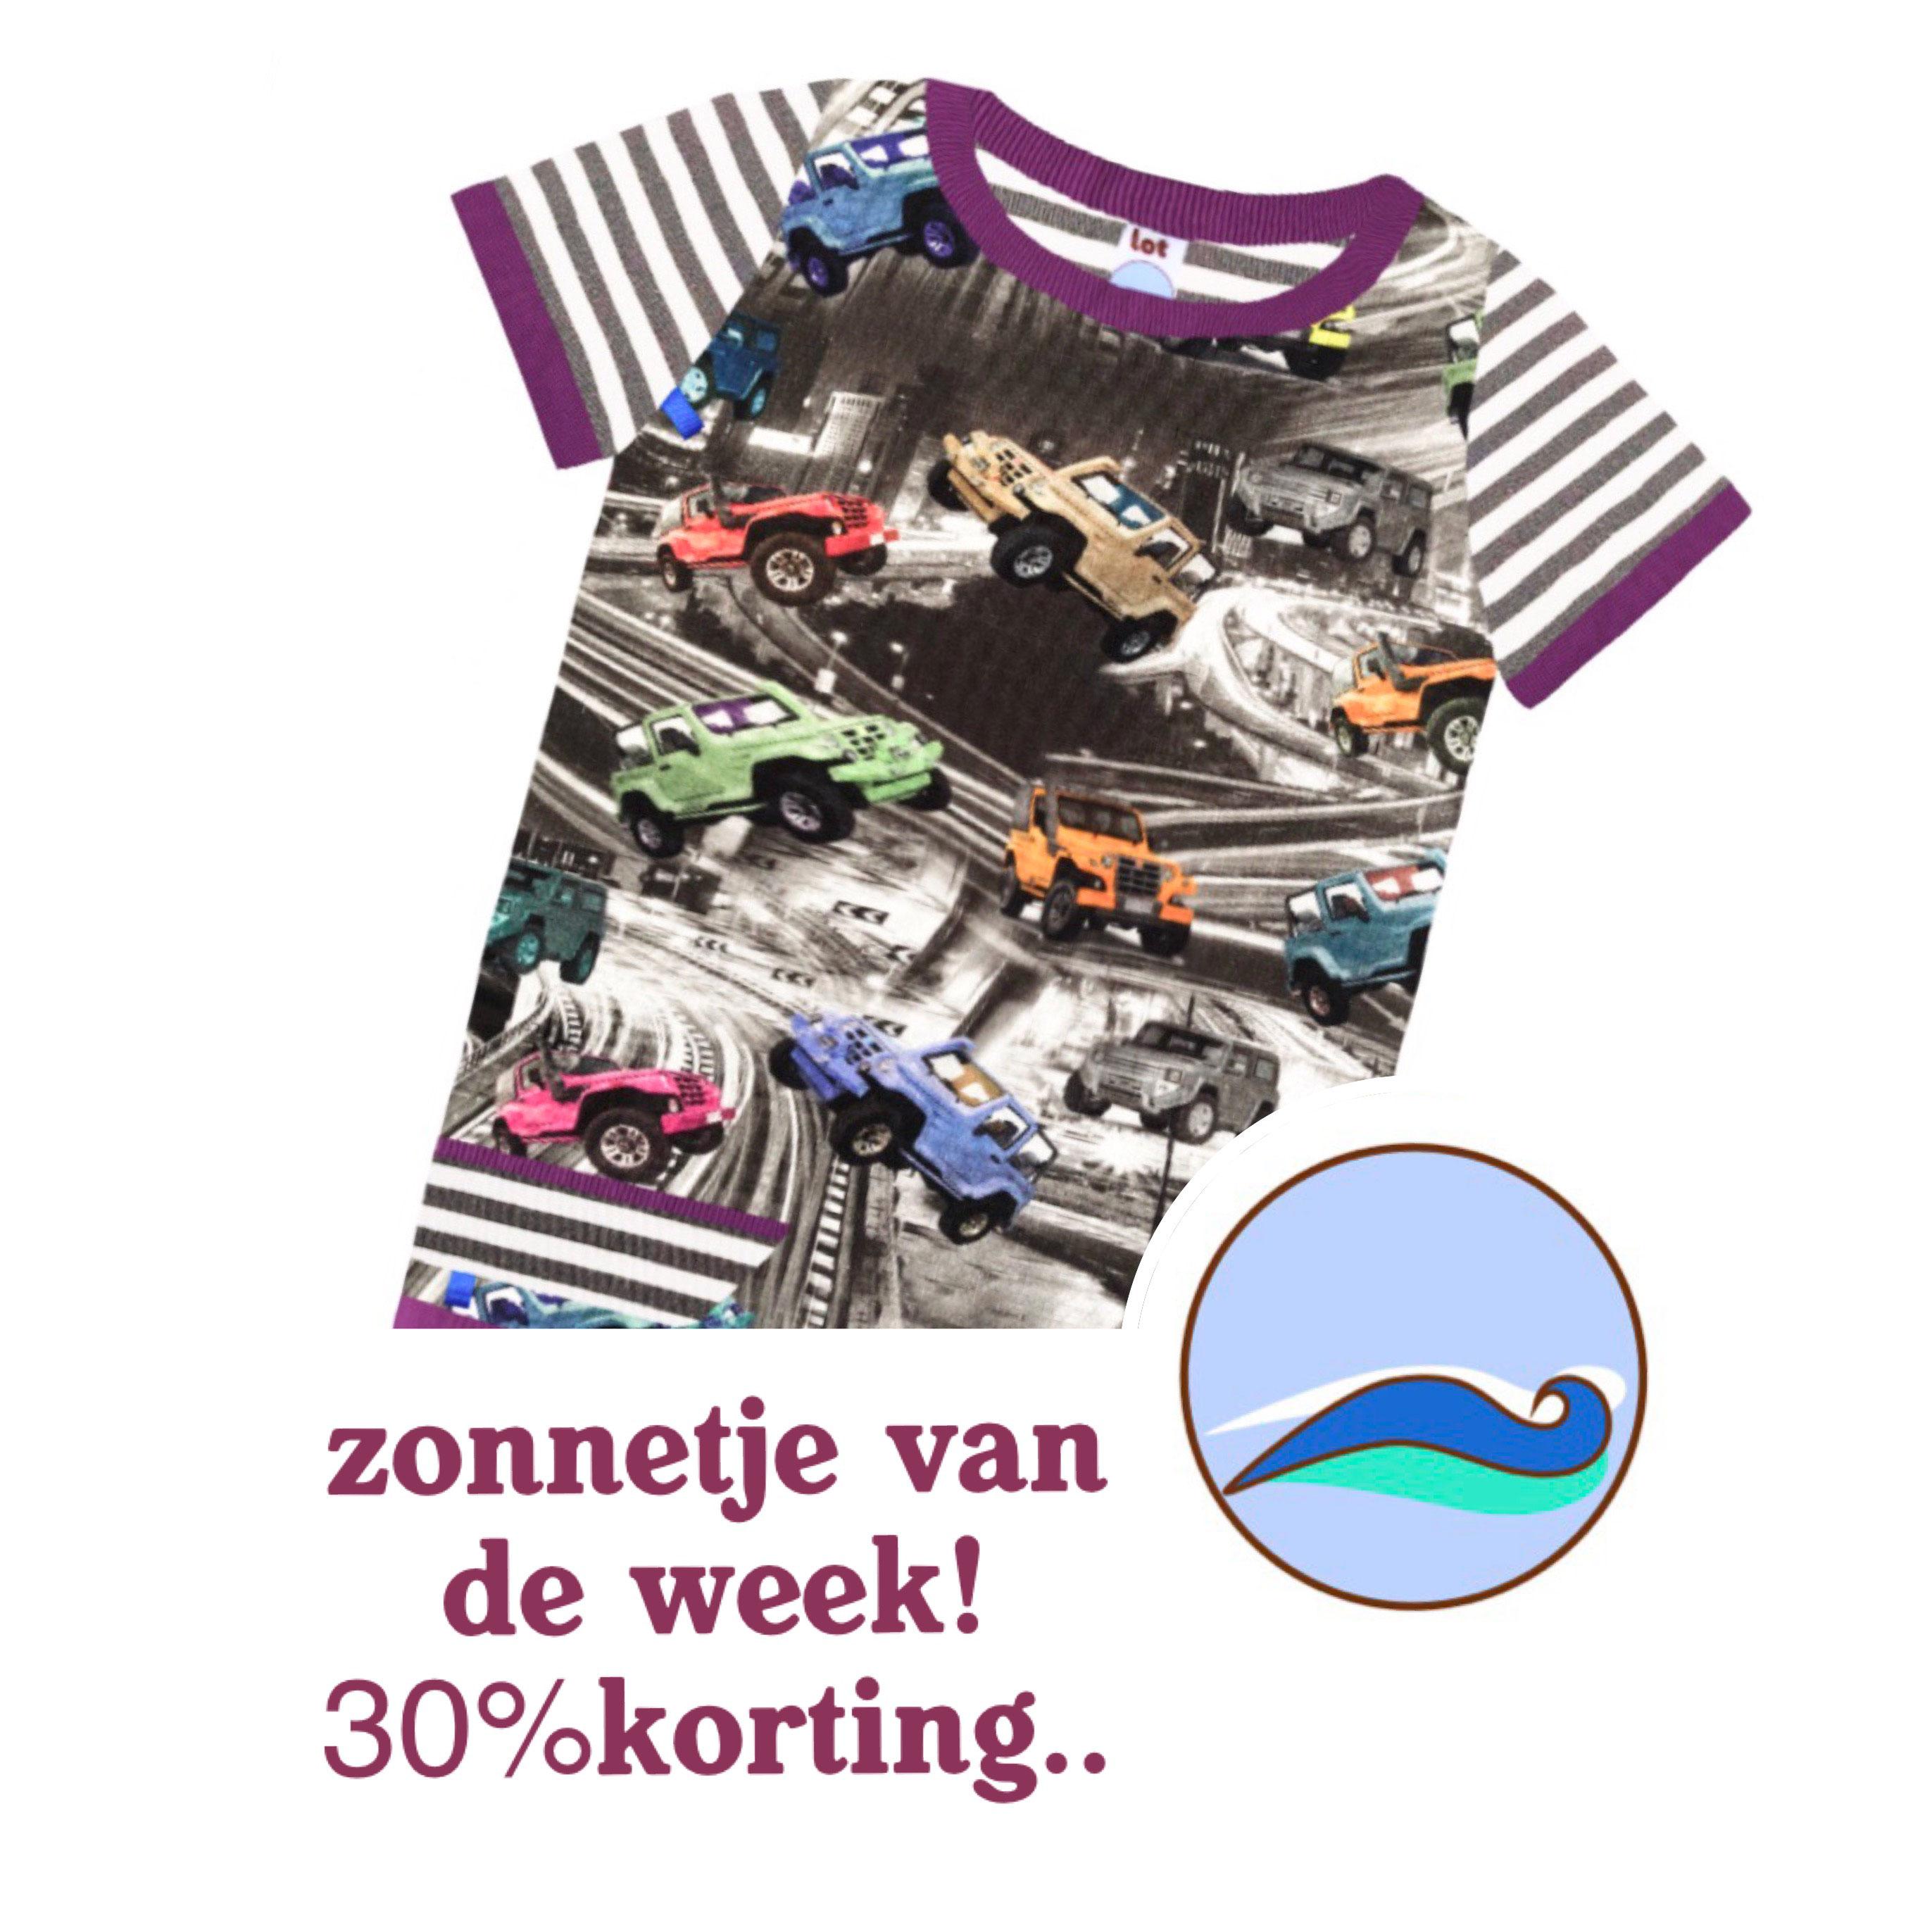 Zonnetje Van De Week Shirtjes Van Lot Kinderkleding Webshop